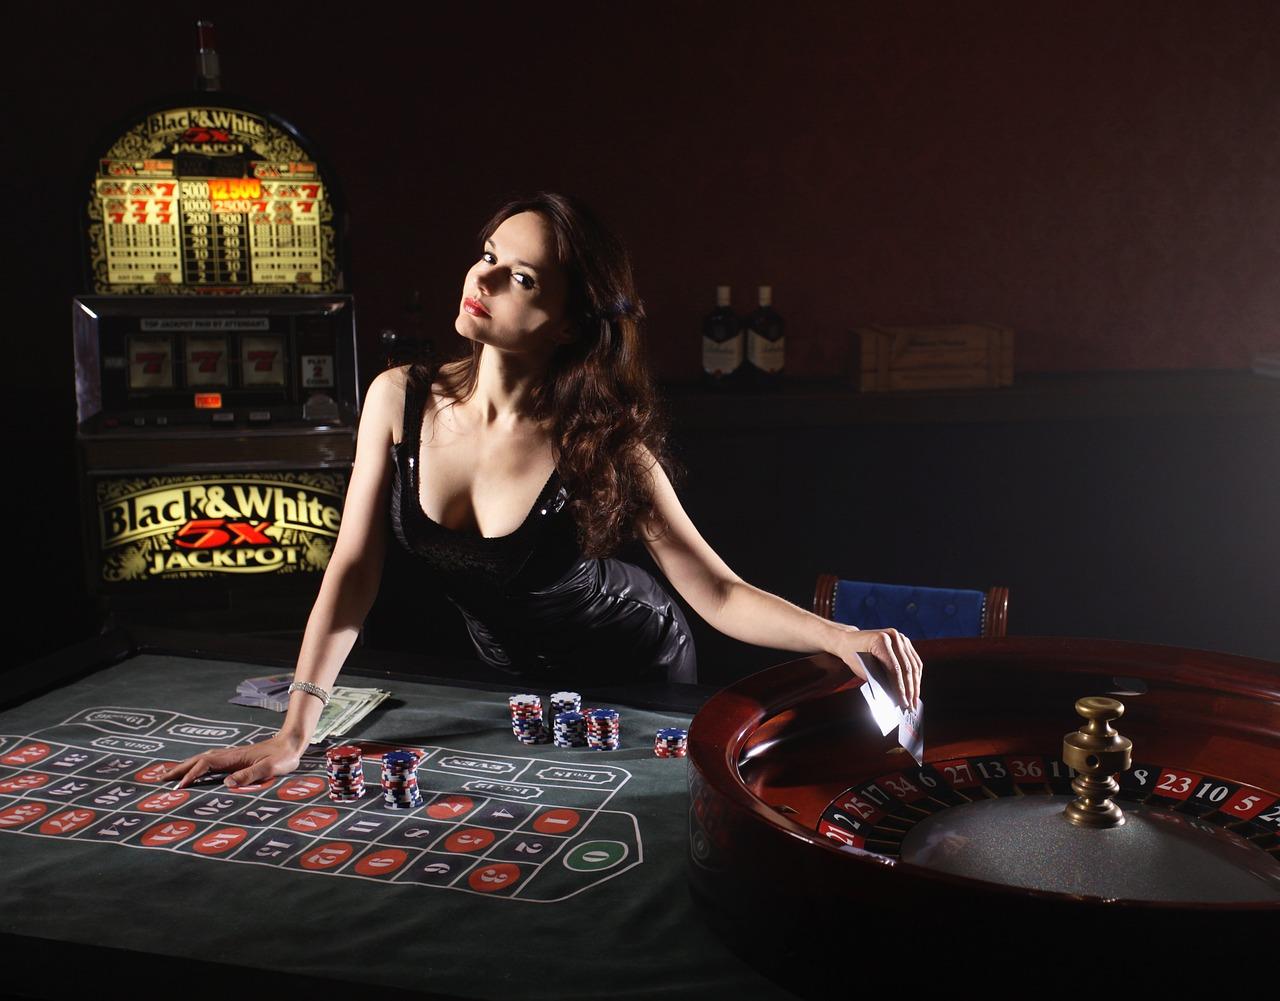 cosa indossare al casino